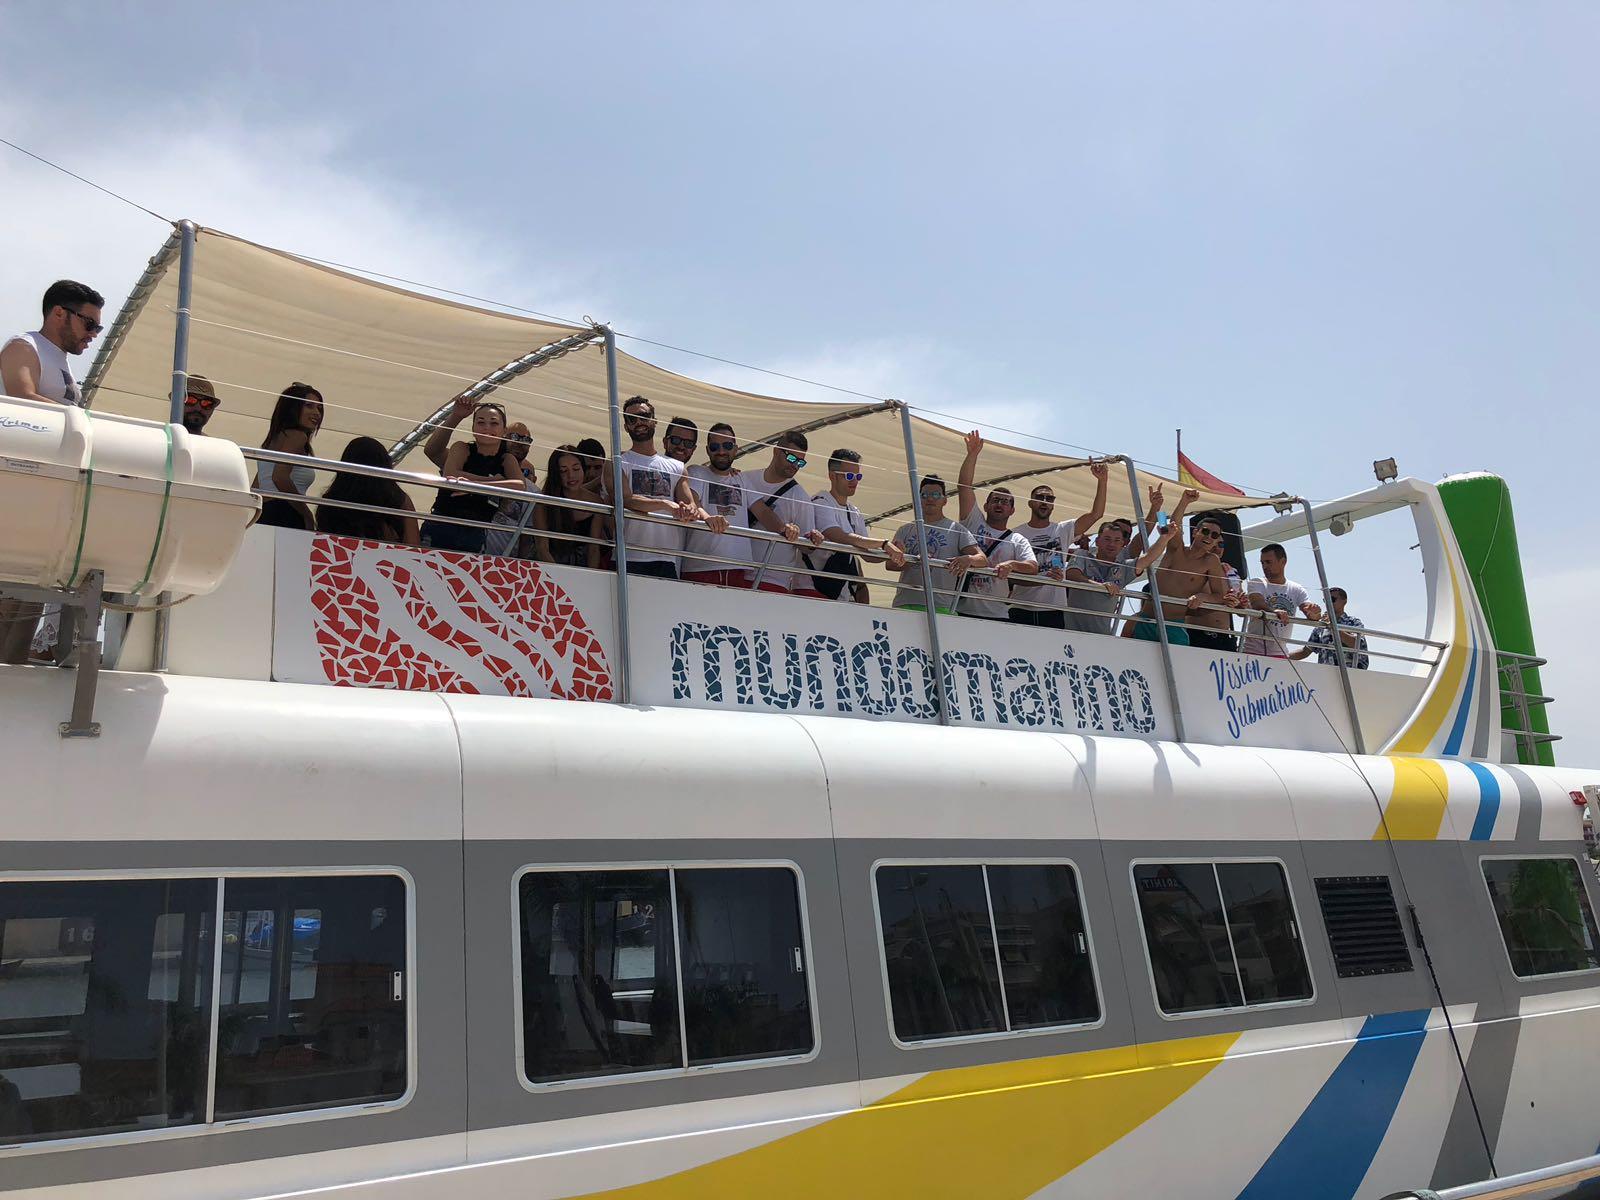 despedidas-gandia-boat-party